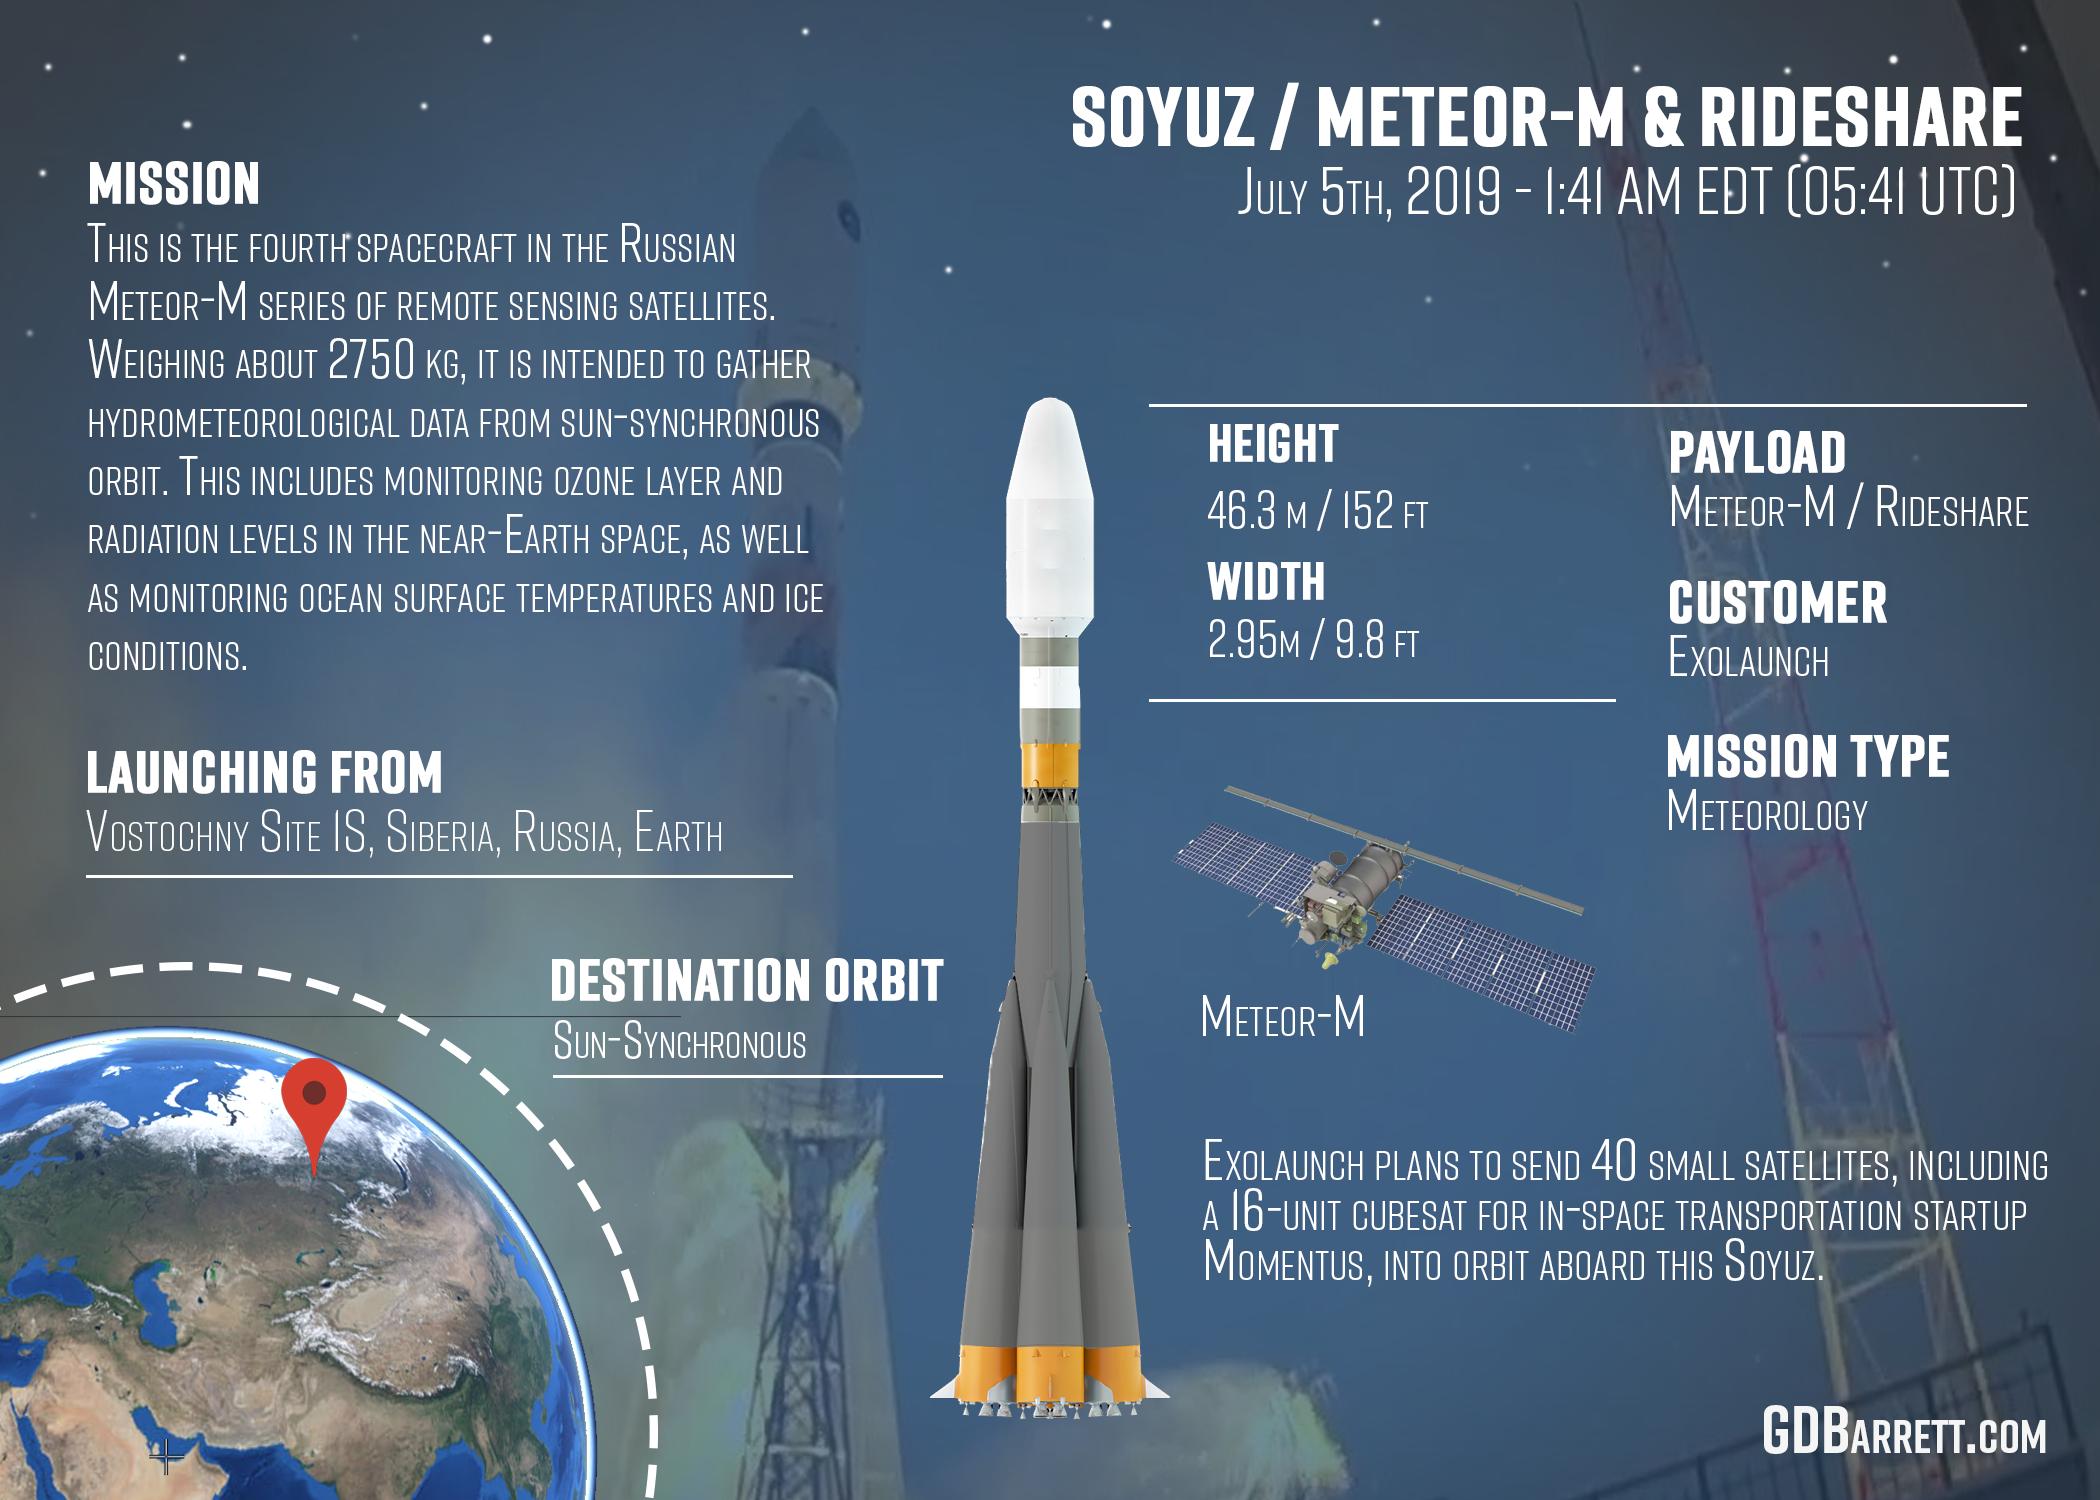 ROSCOSMOS Soyuz / Meteor-M